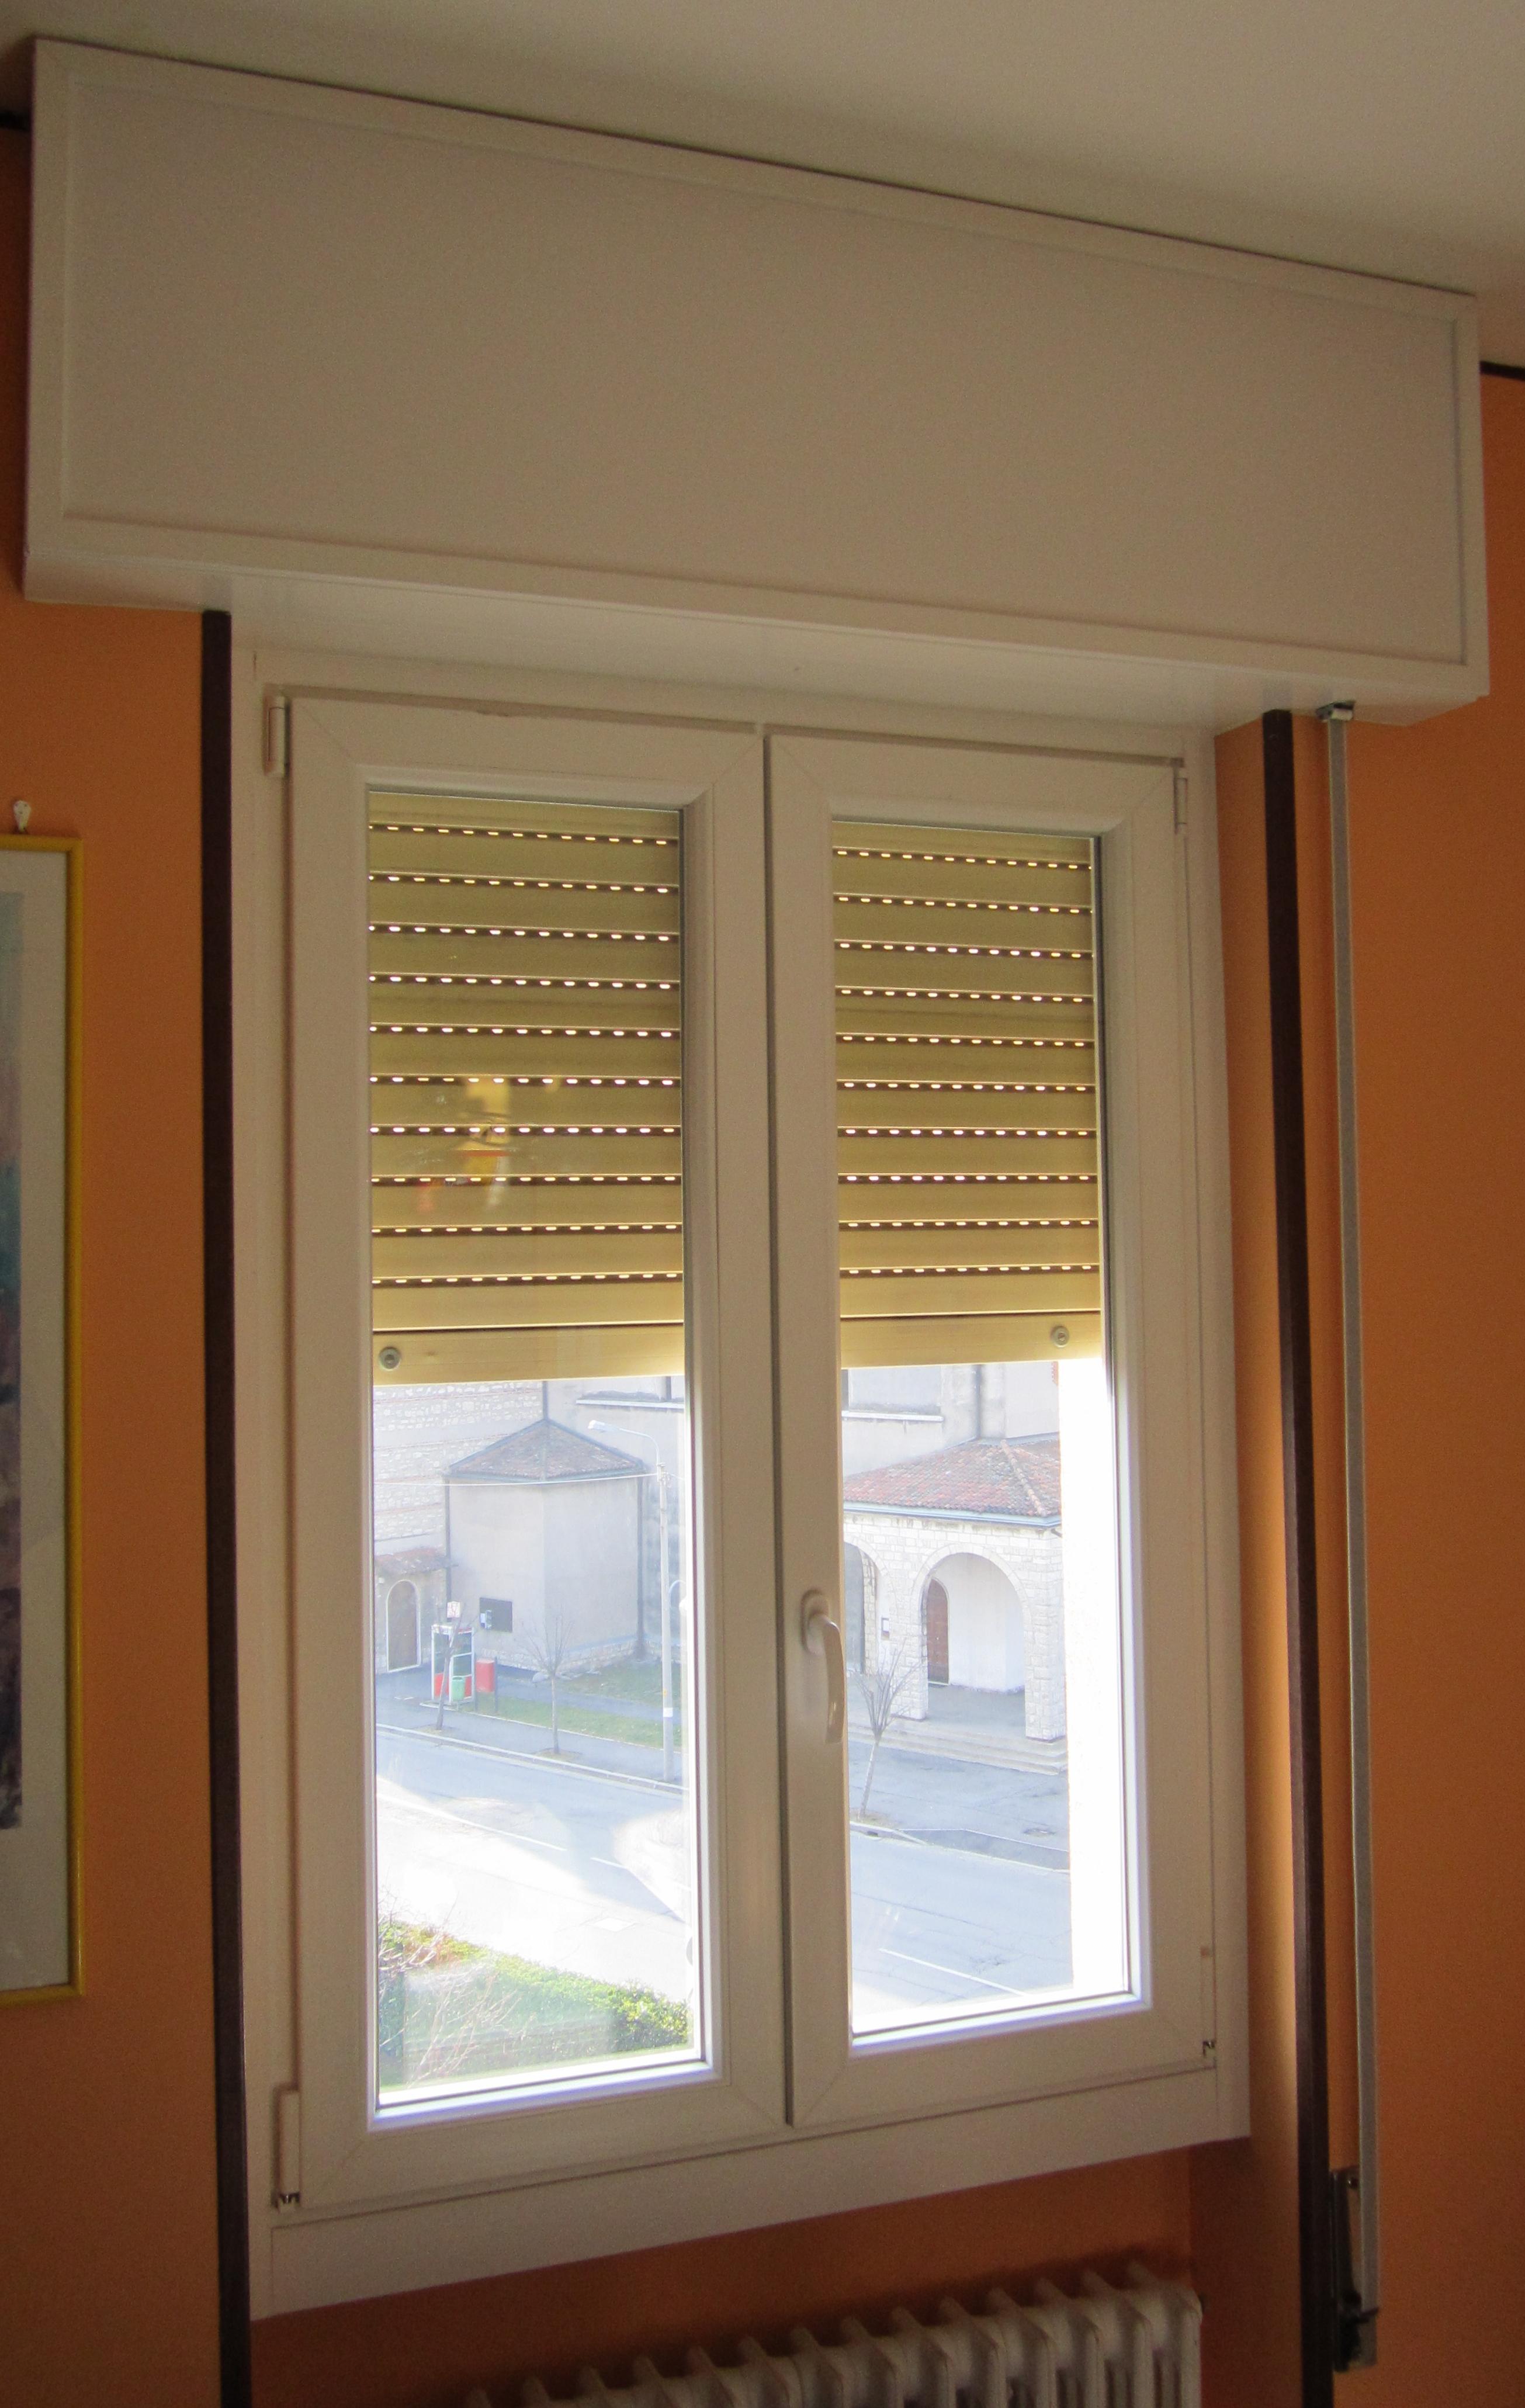 V8 serramenti e infissi finestre risparmio energetico for Finestre pvc